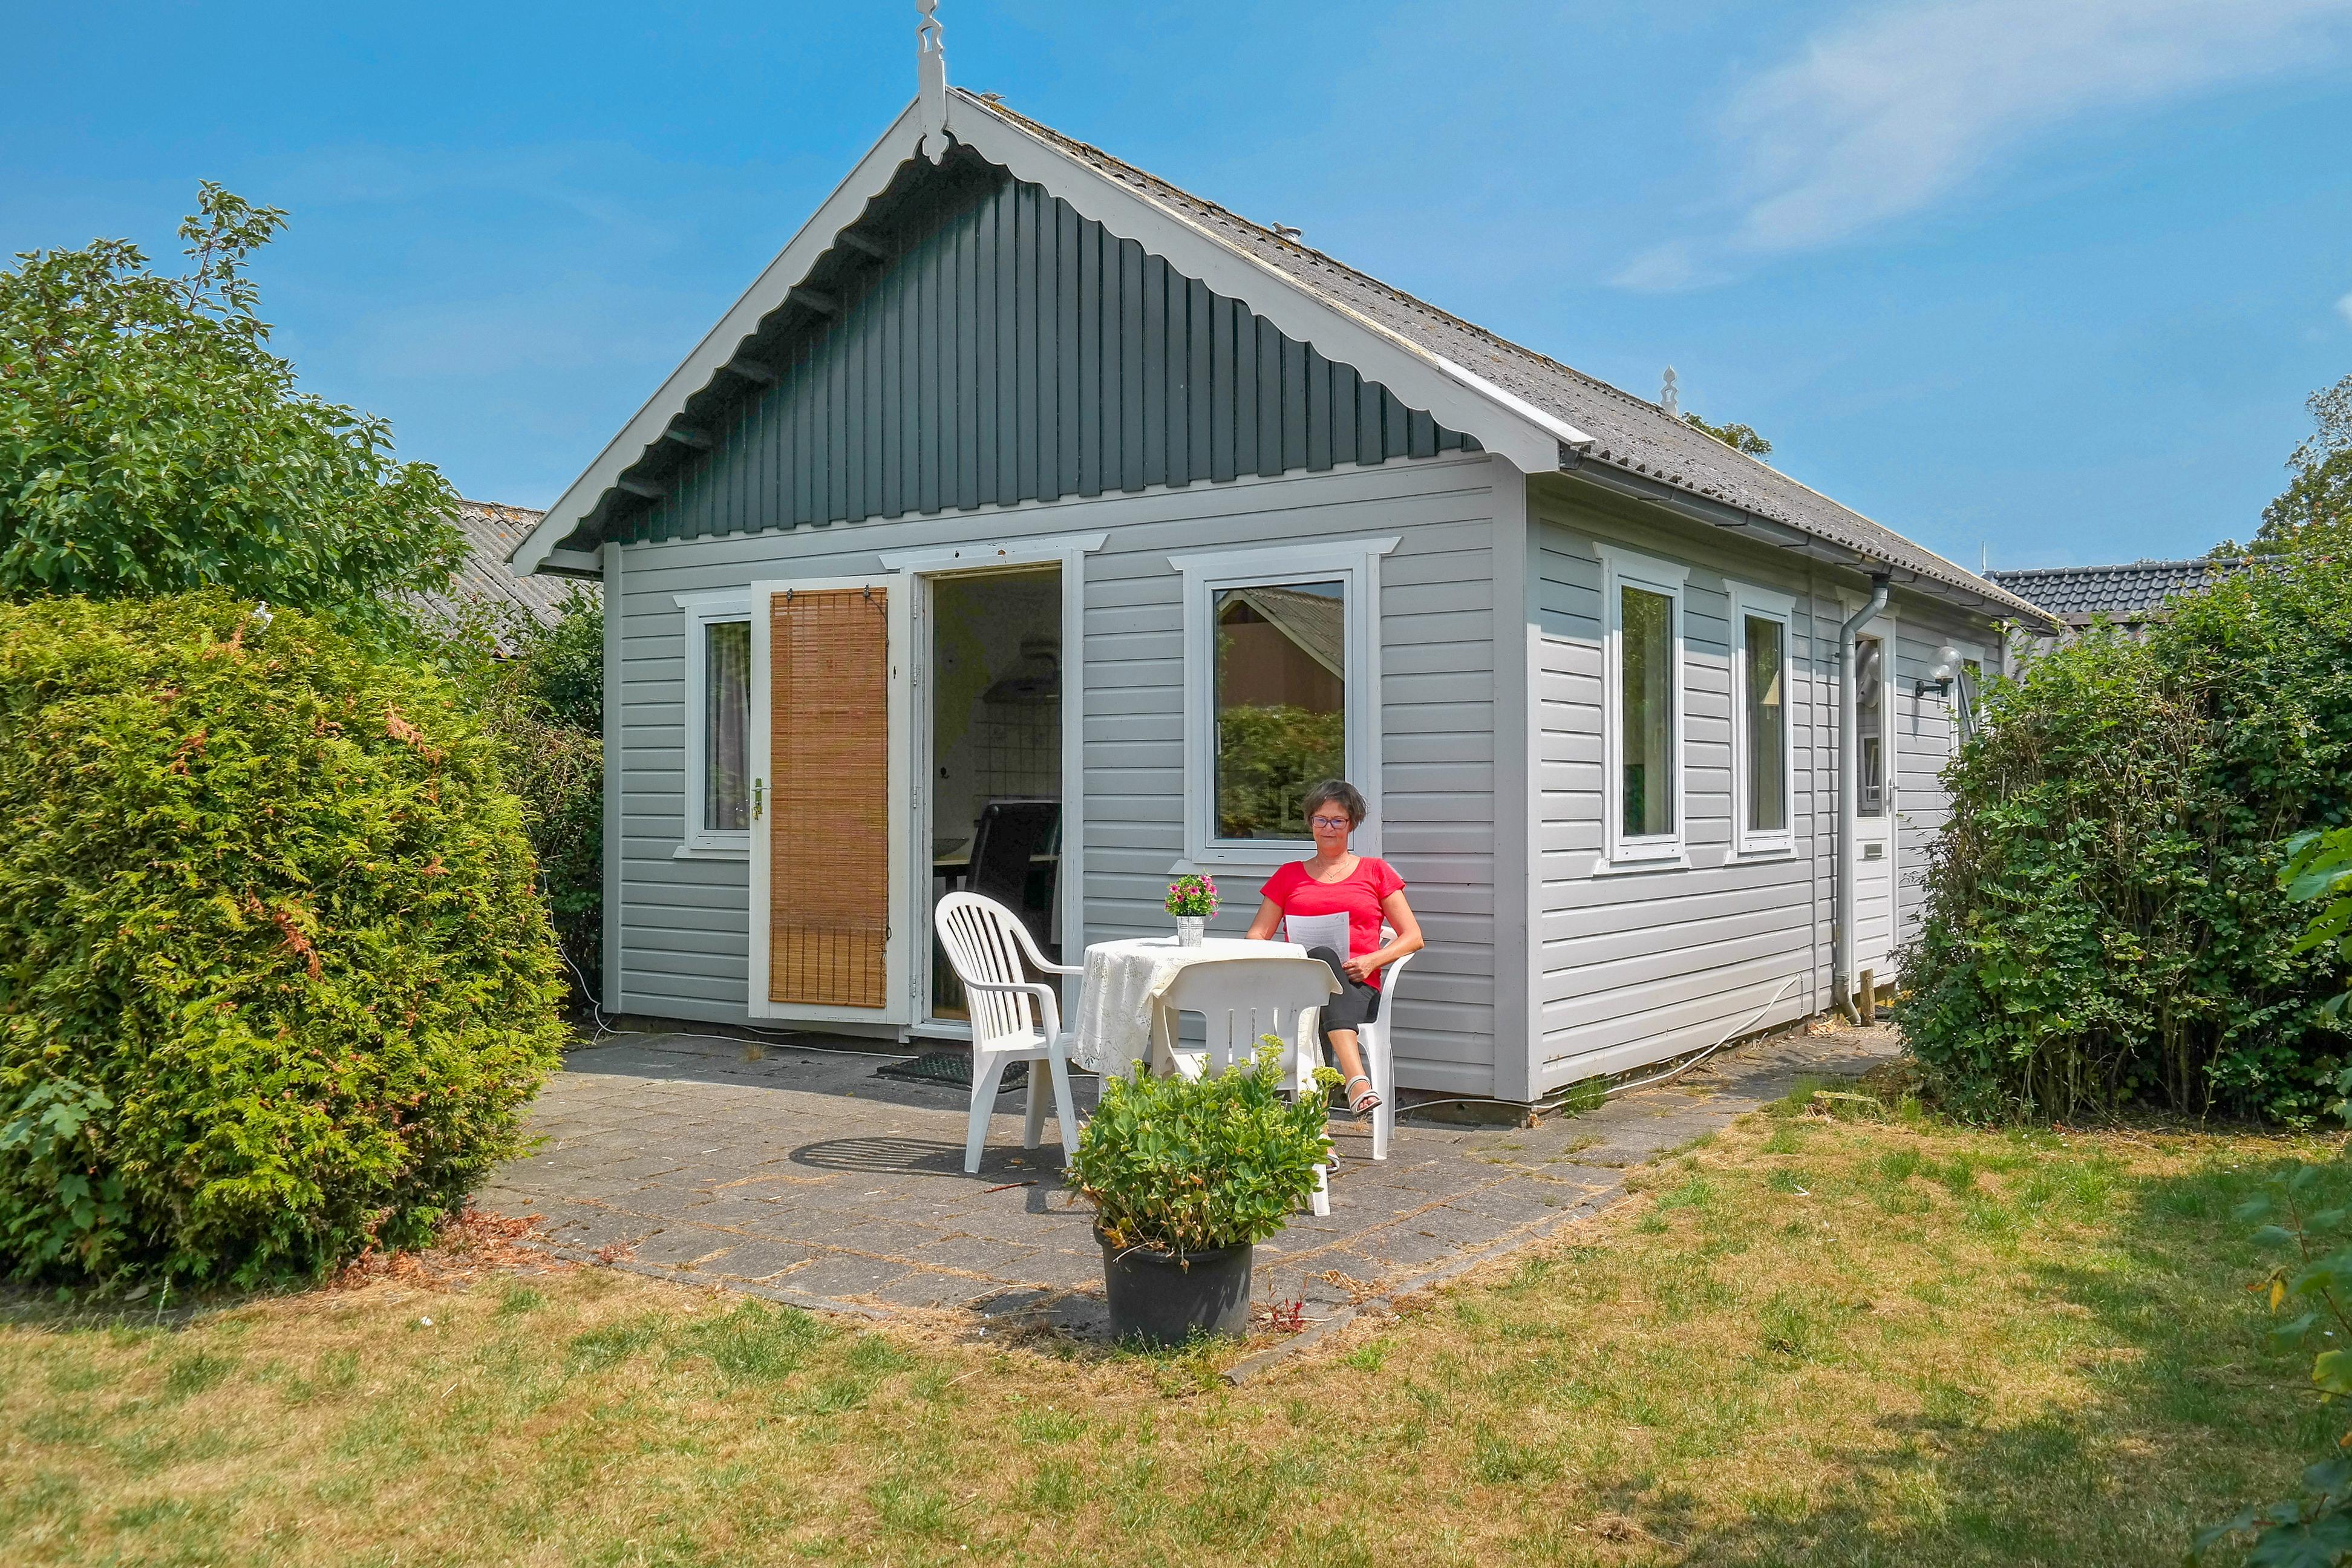 3 Pers Ferienhaus in der Nhe des Nationalparks Lauwersmeer